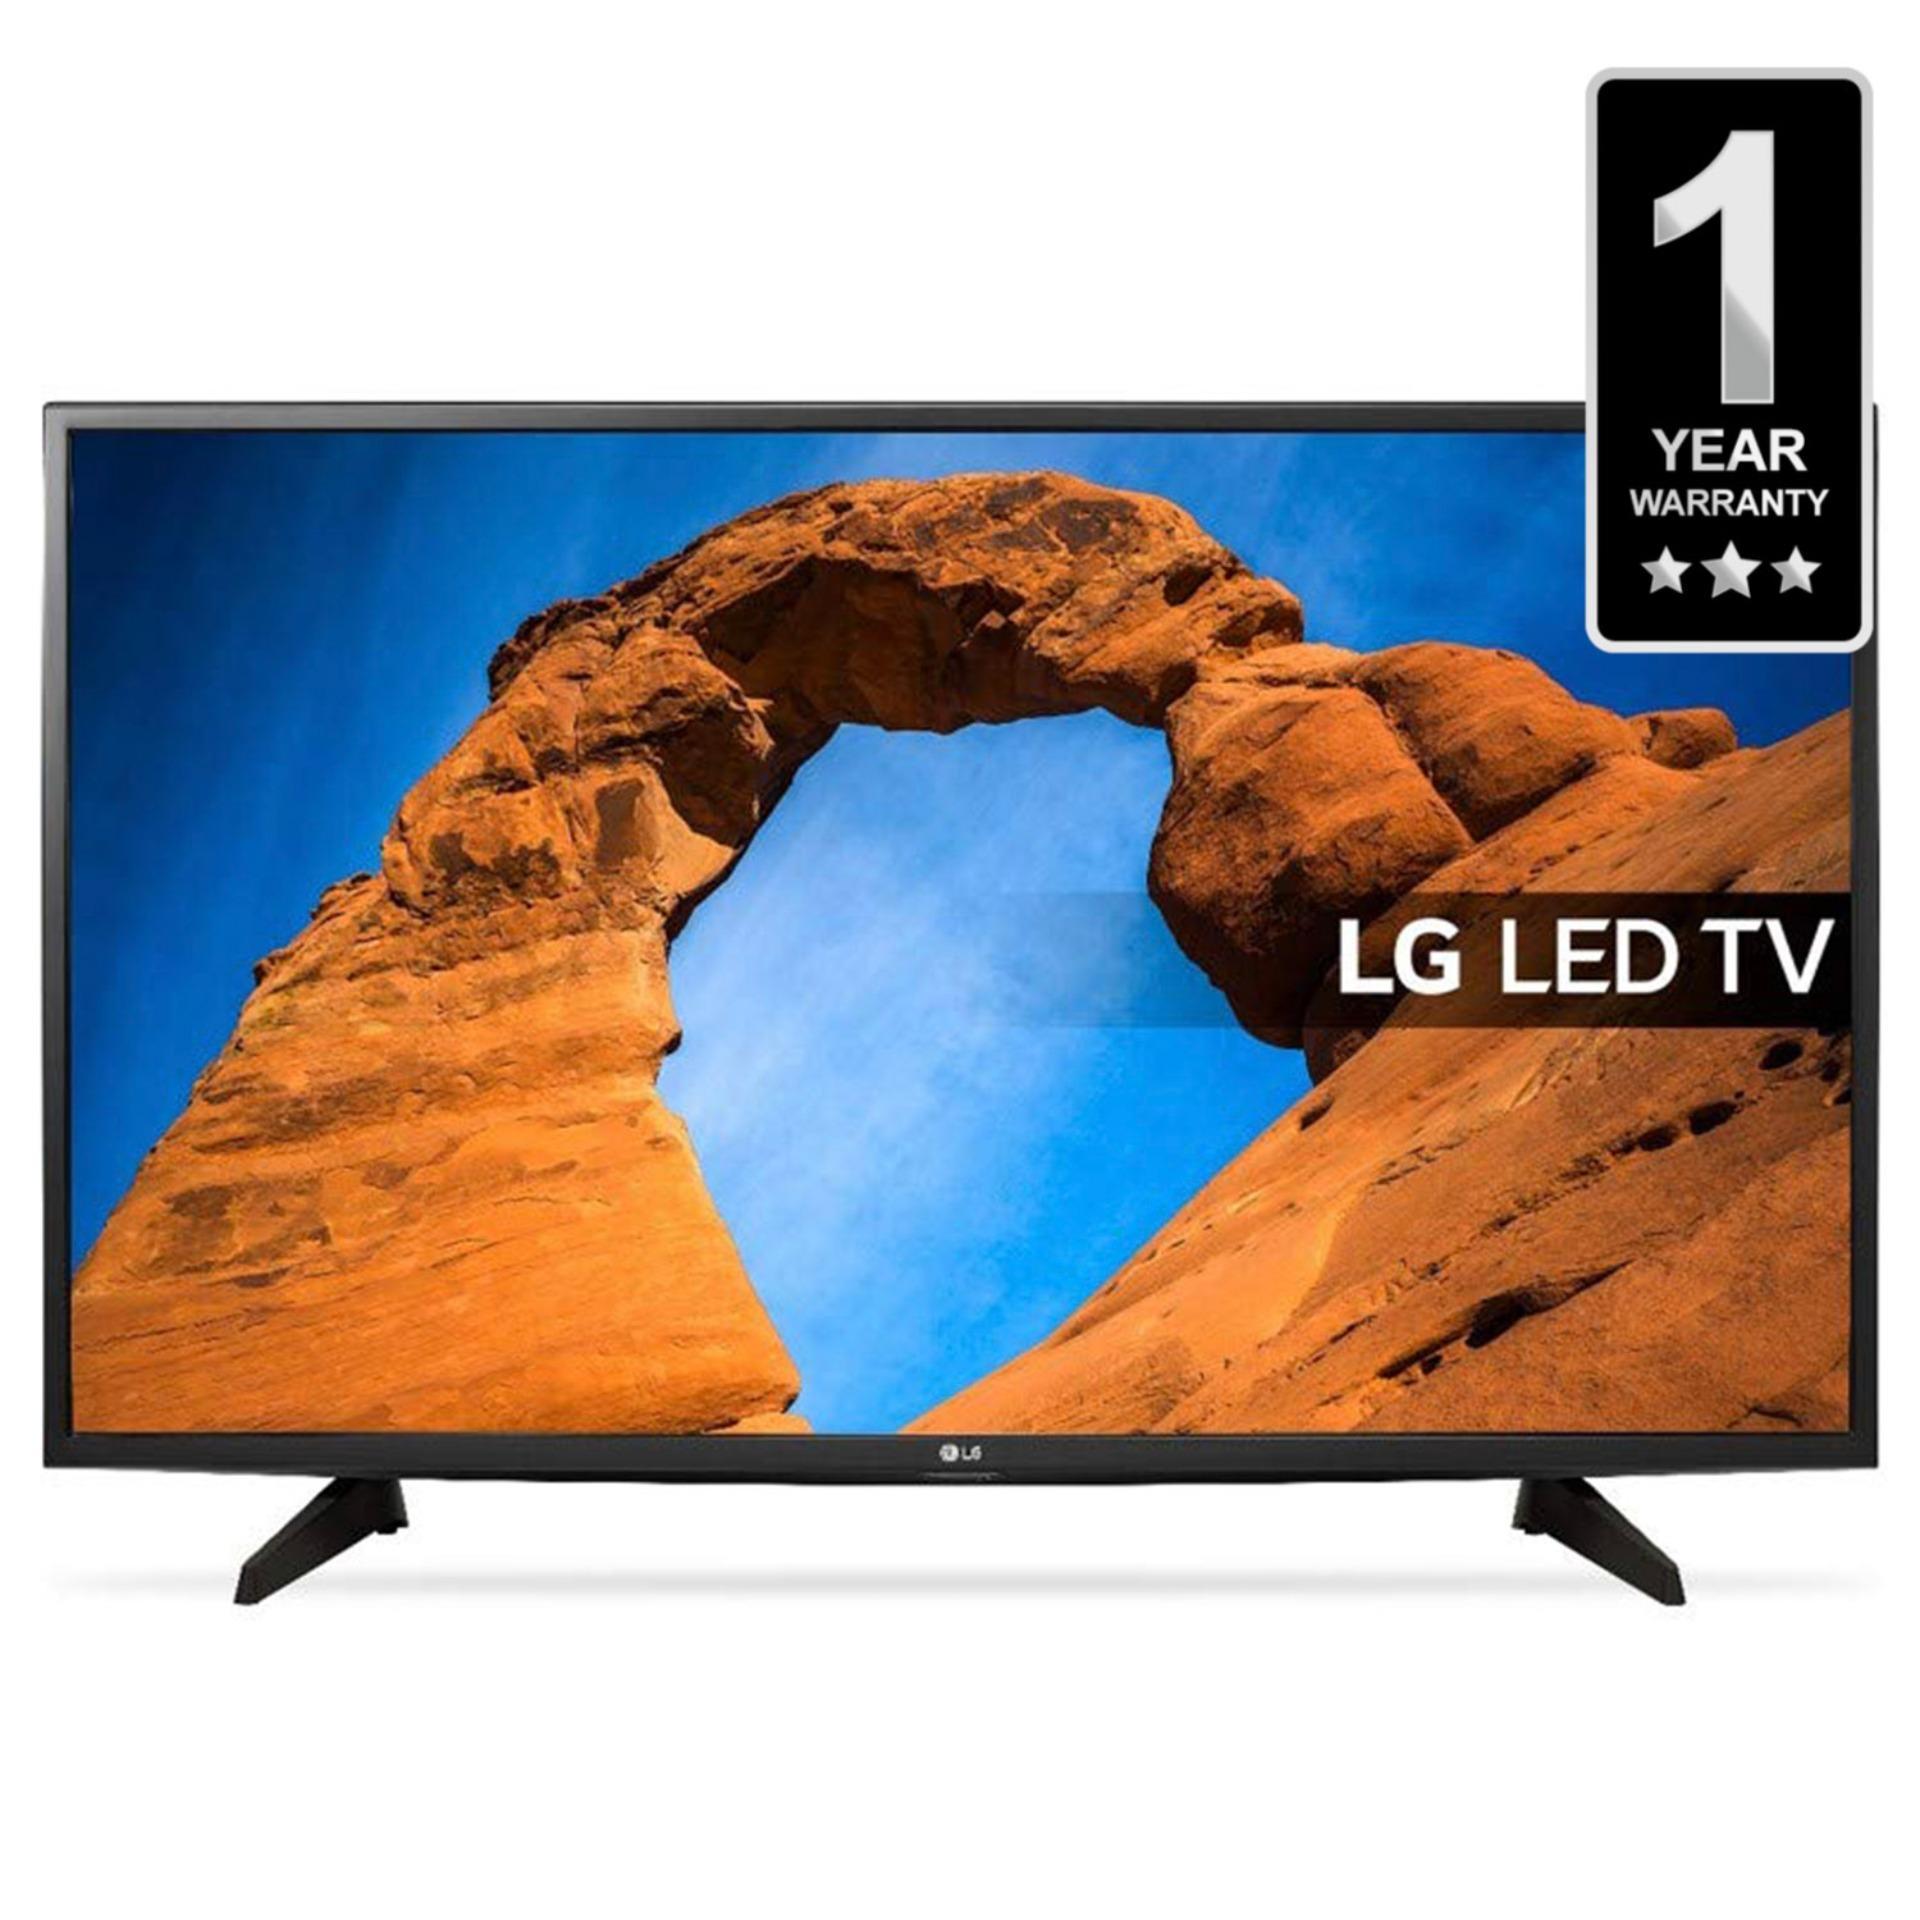 LG 43 inch Full HD LED TV LK5100